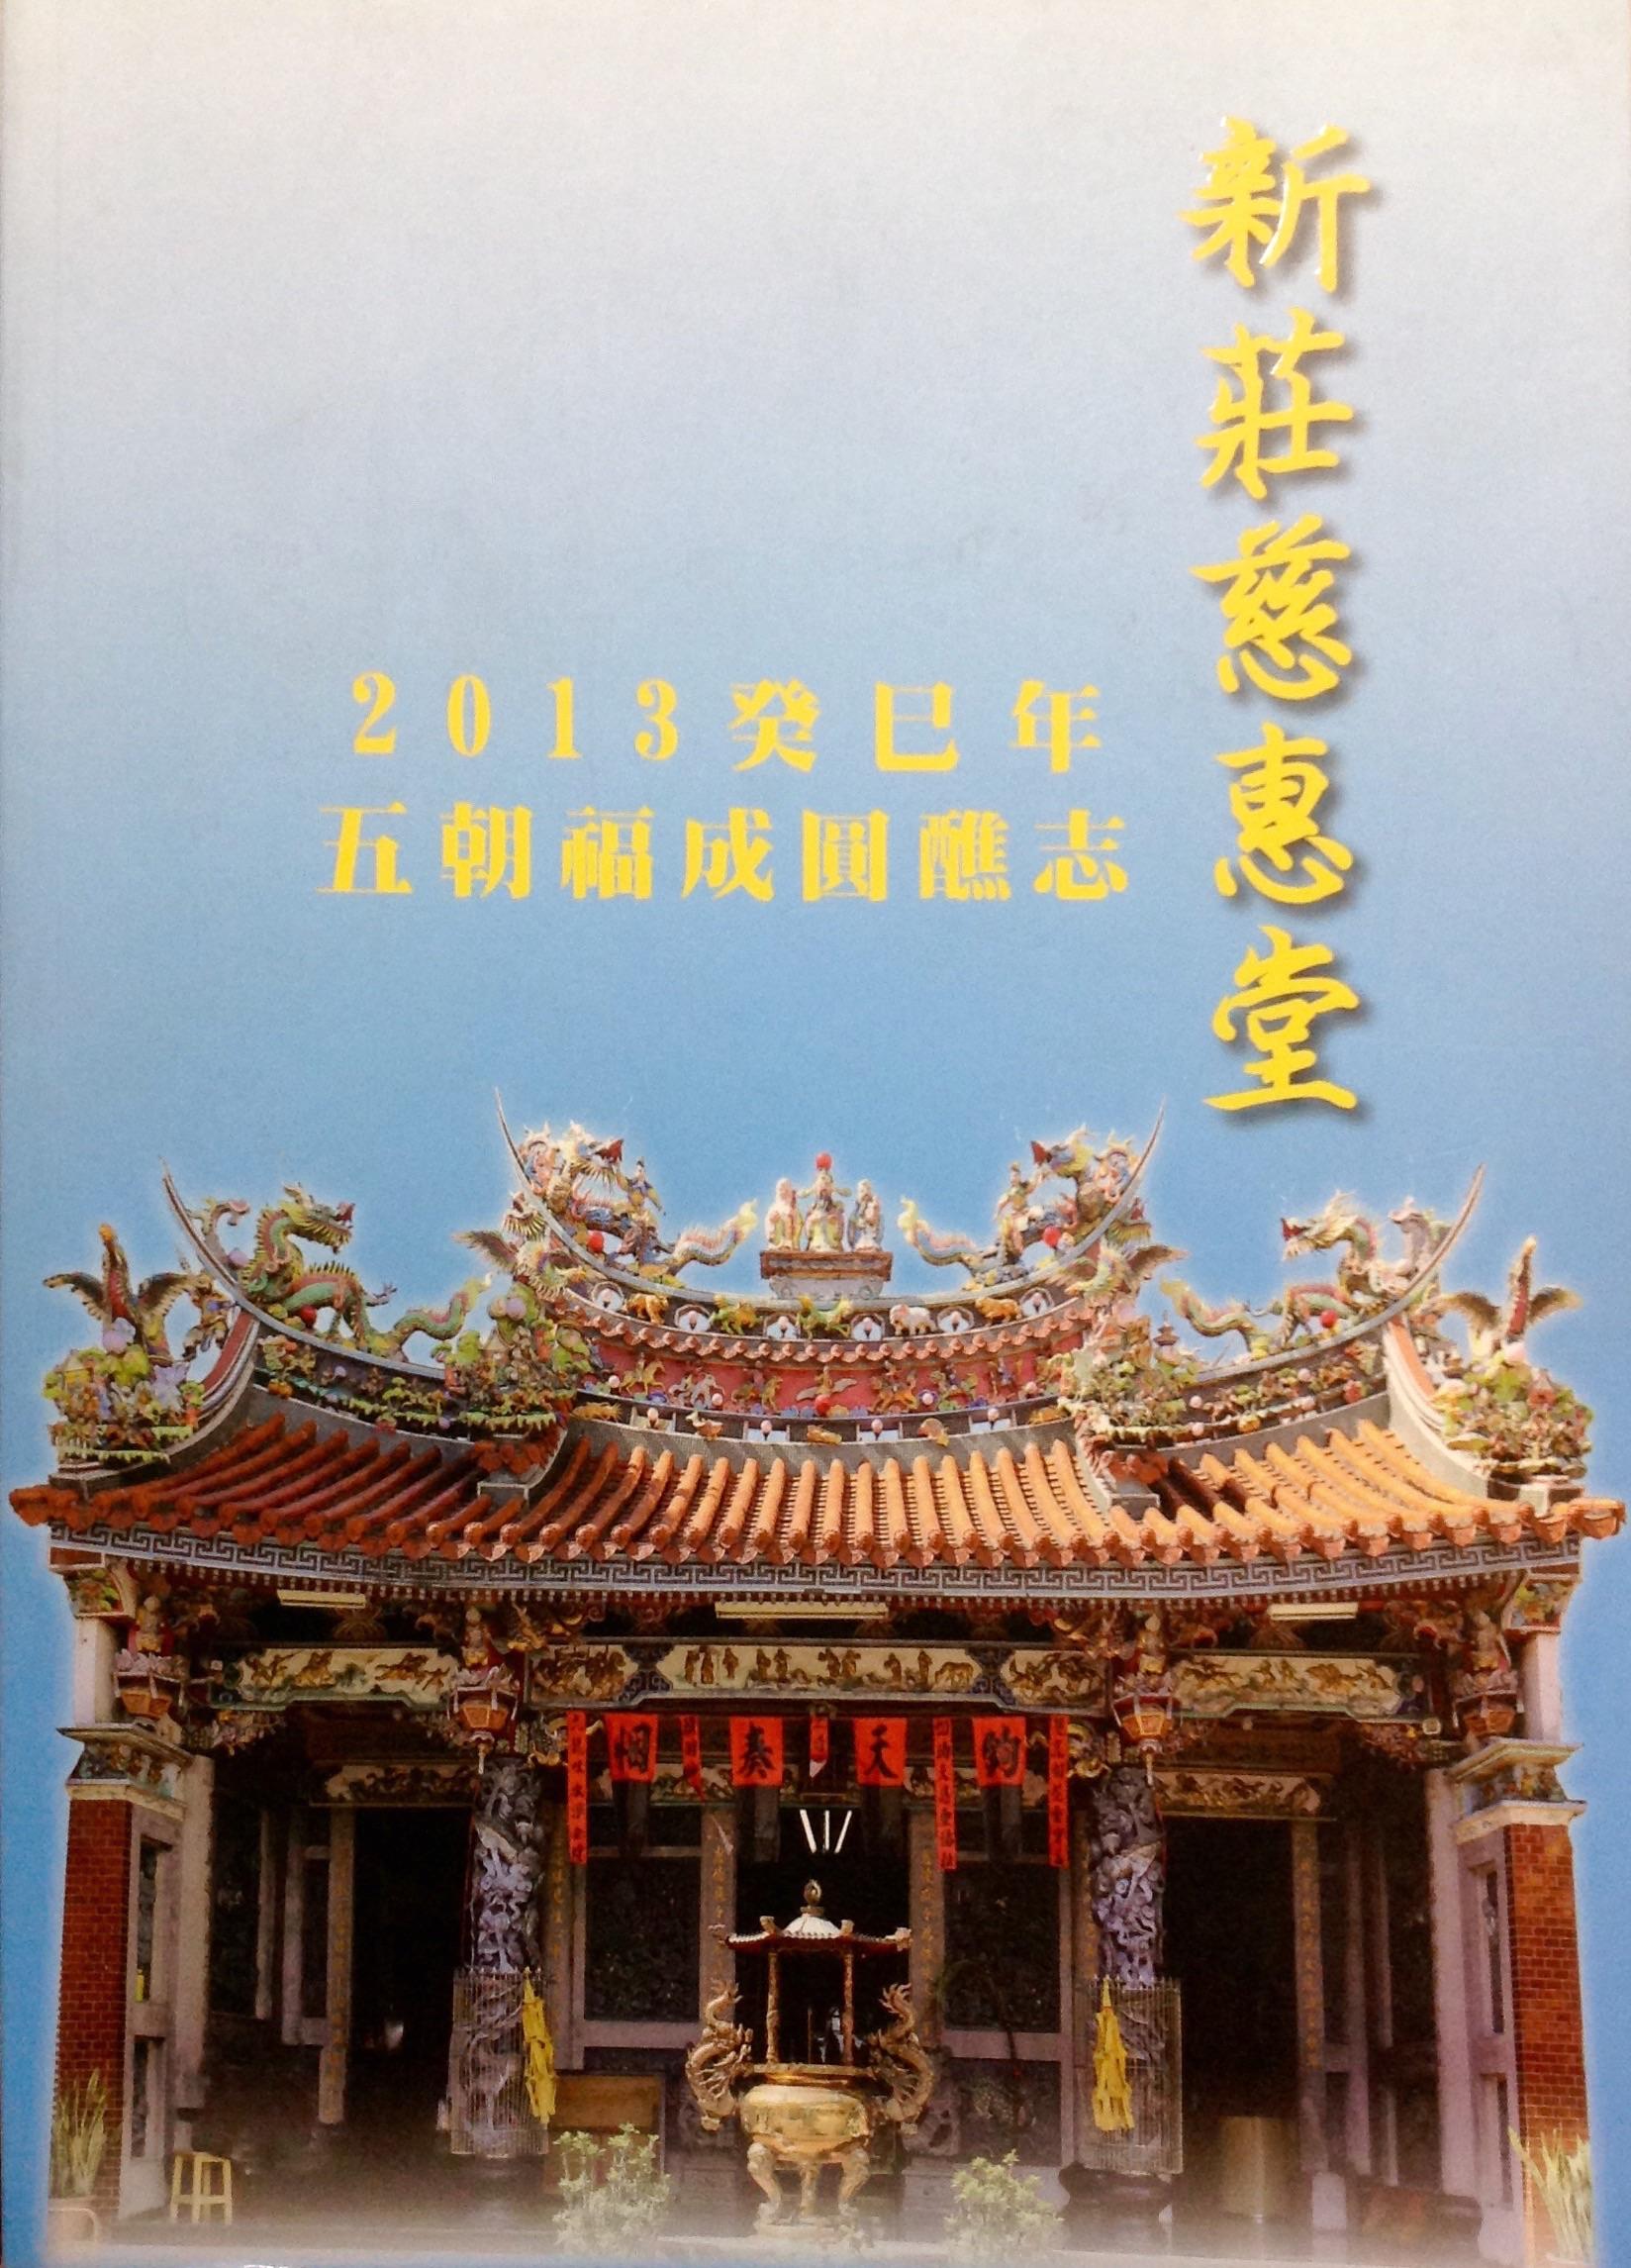 新裝慈惠堂2013癸巳年五朝福成圓醮志